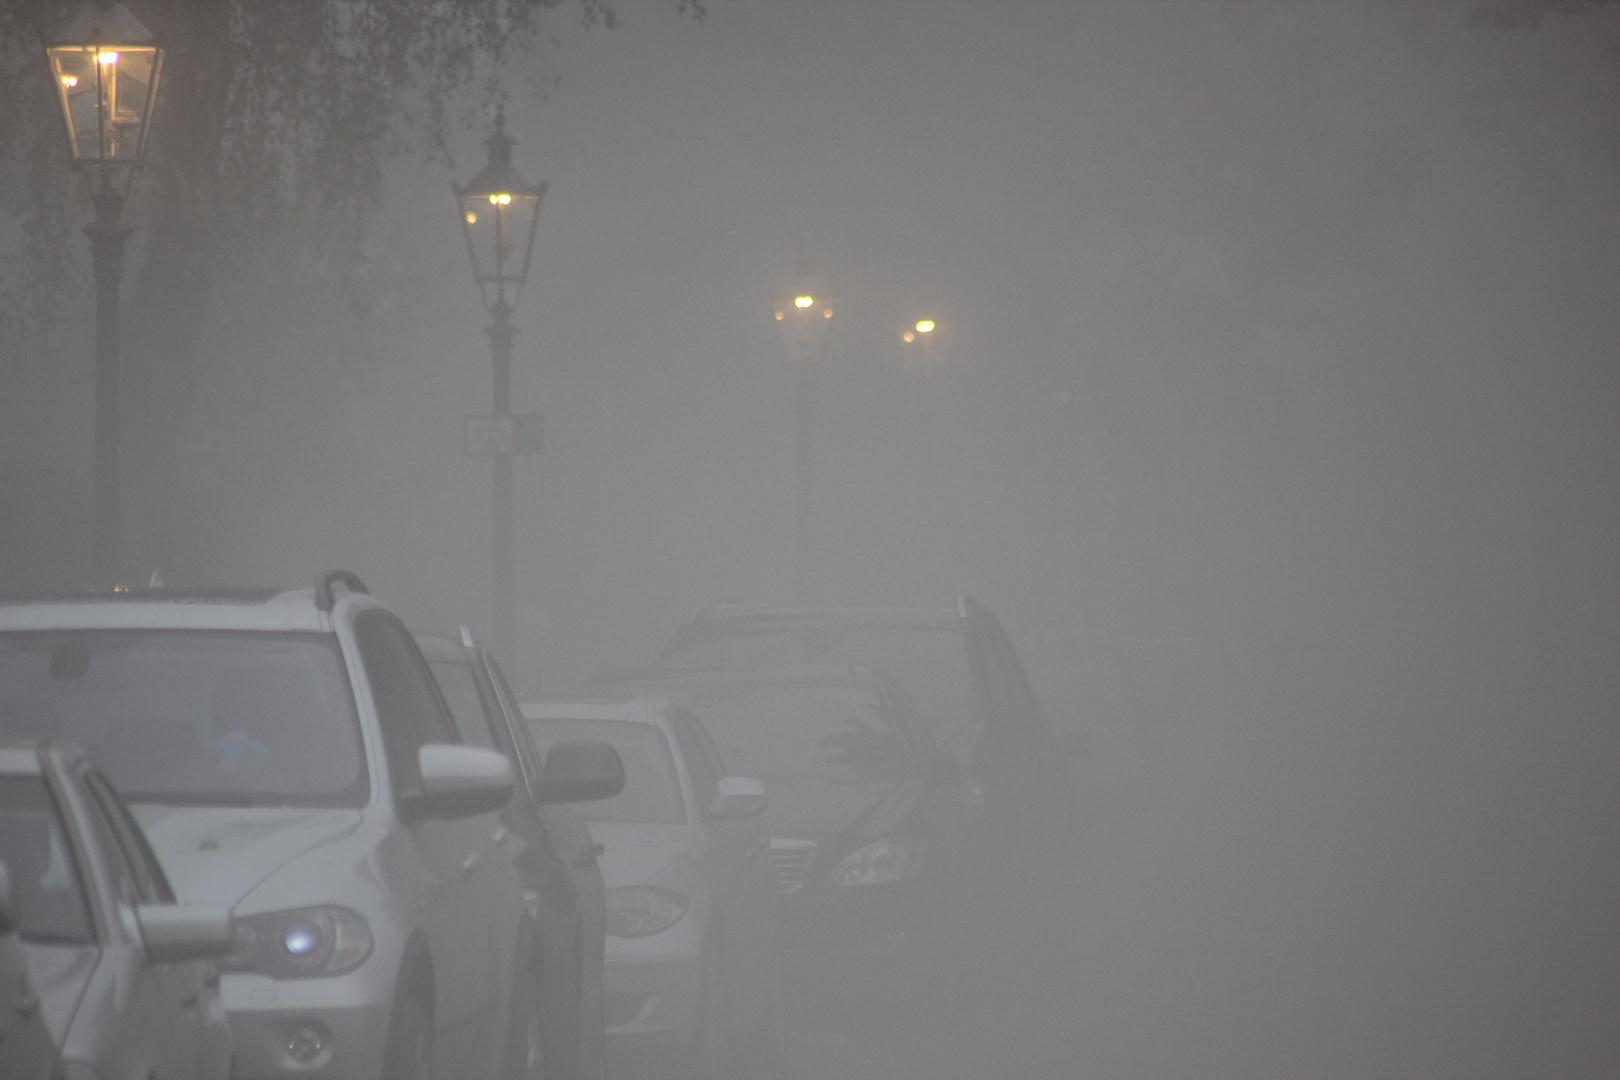 Nebel nach Hagel-Gewitter